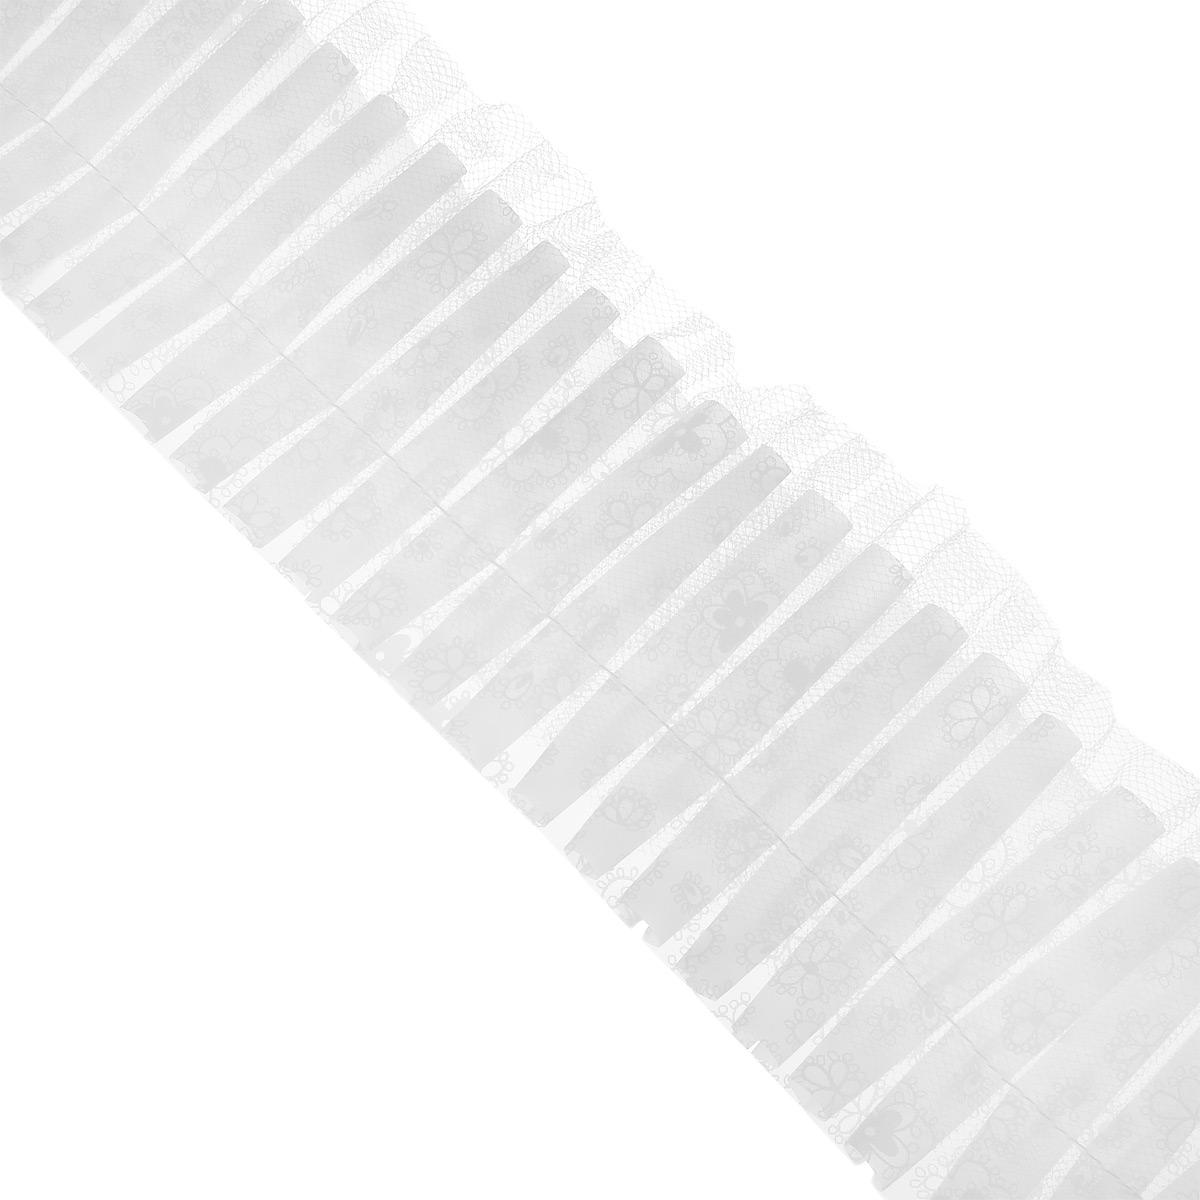 Кружево для украшения тортов Wilton, цвет: белый, ширина 7,6 см, длина 183 смWLT-802-1991Кружево Wilton предназначено для украшения кондитерских изделий. Изделие крепится на край подноса или подставки под торт. Кружевная лента на клеенчатой основе, ее можно мыть.